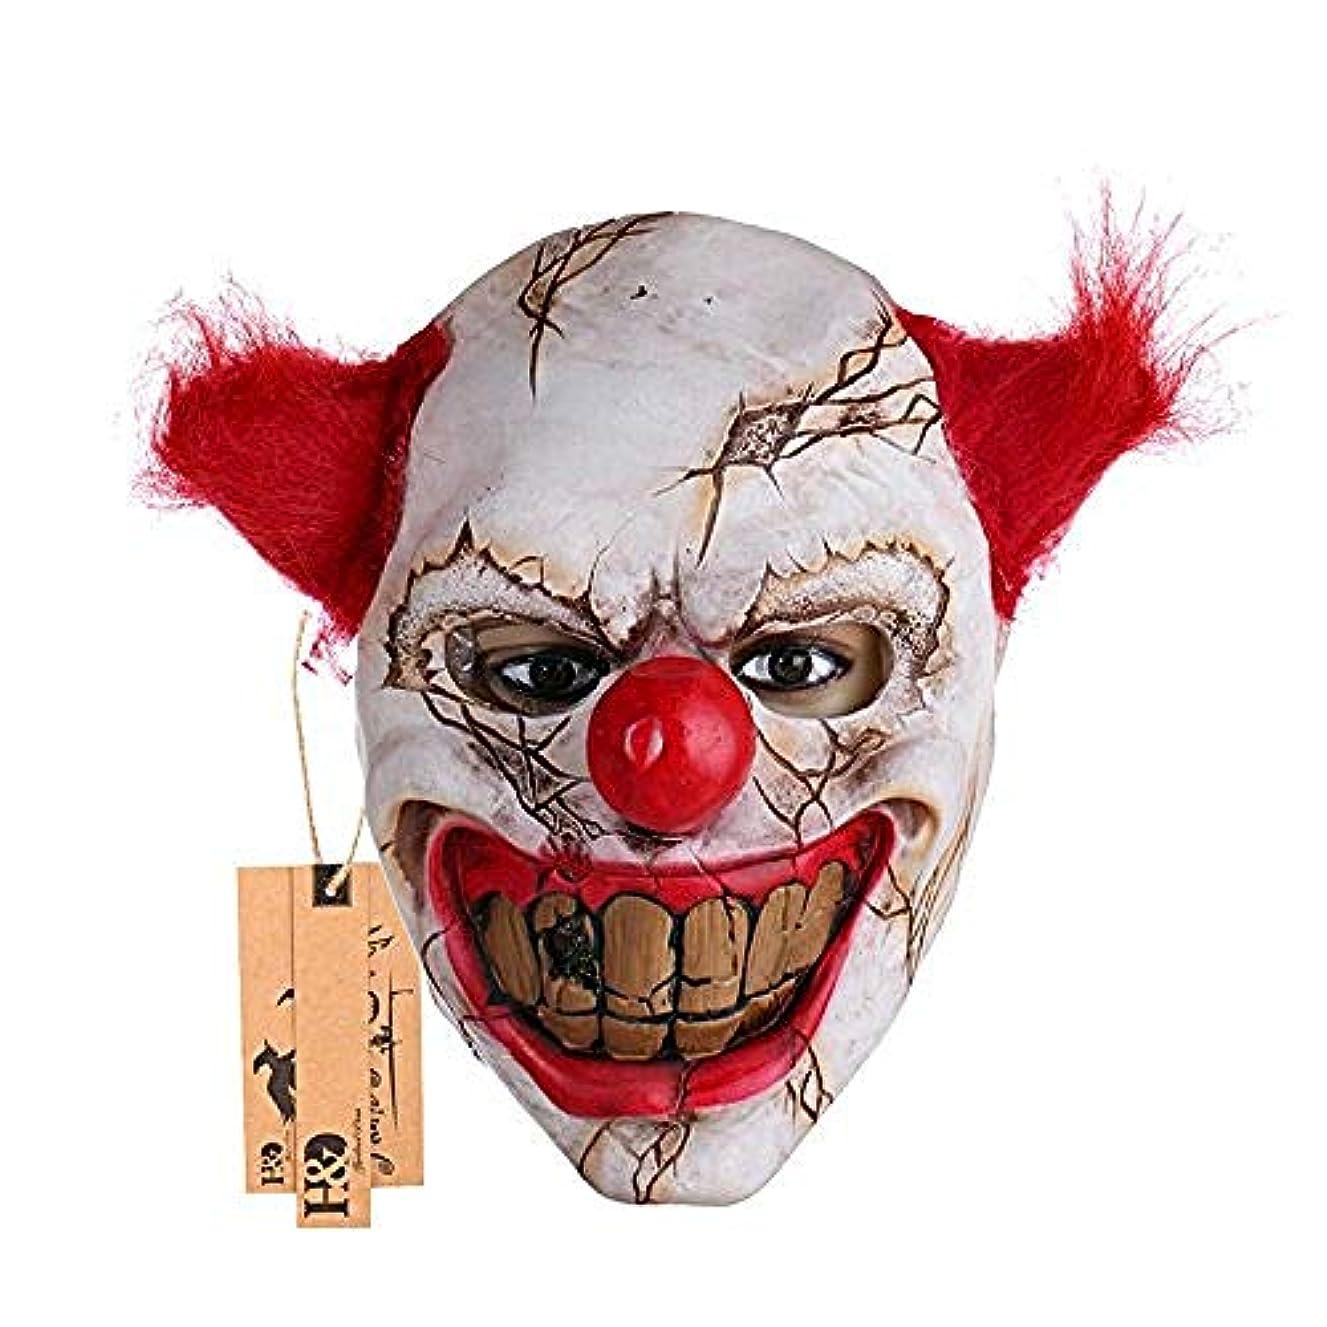 ブラインド奨学金墓地ハロウィーンラテックスピエロマスク、コスチュームパーティー小道具マスク、透明な大きな口の赤い髪の鼻、コスプレホラーマスカレードマスクゴーストパーティー